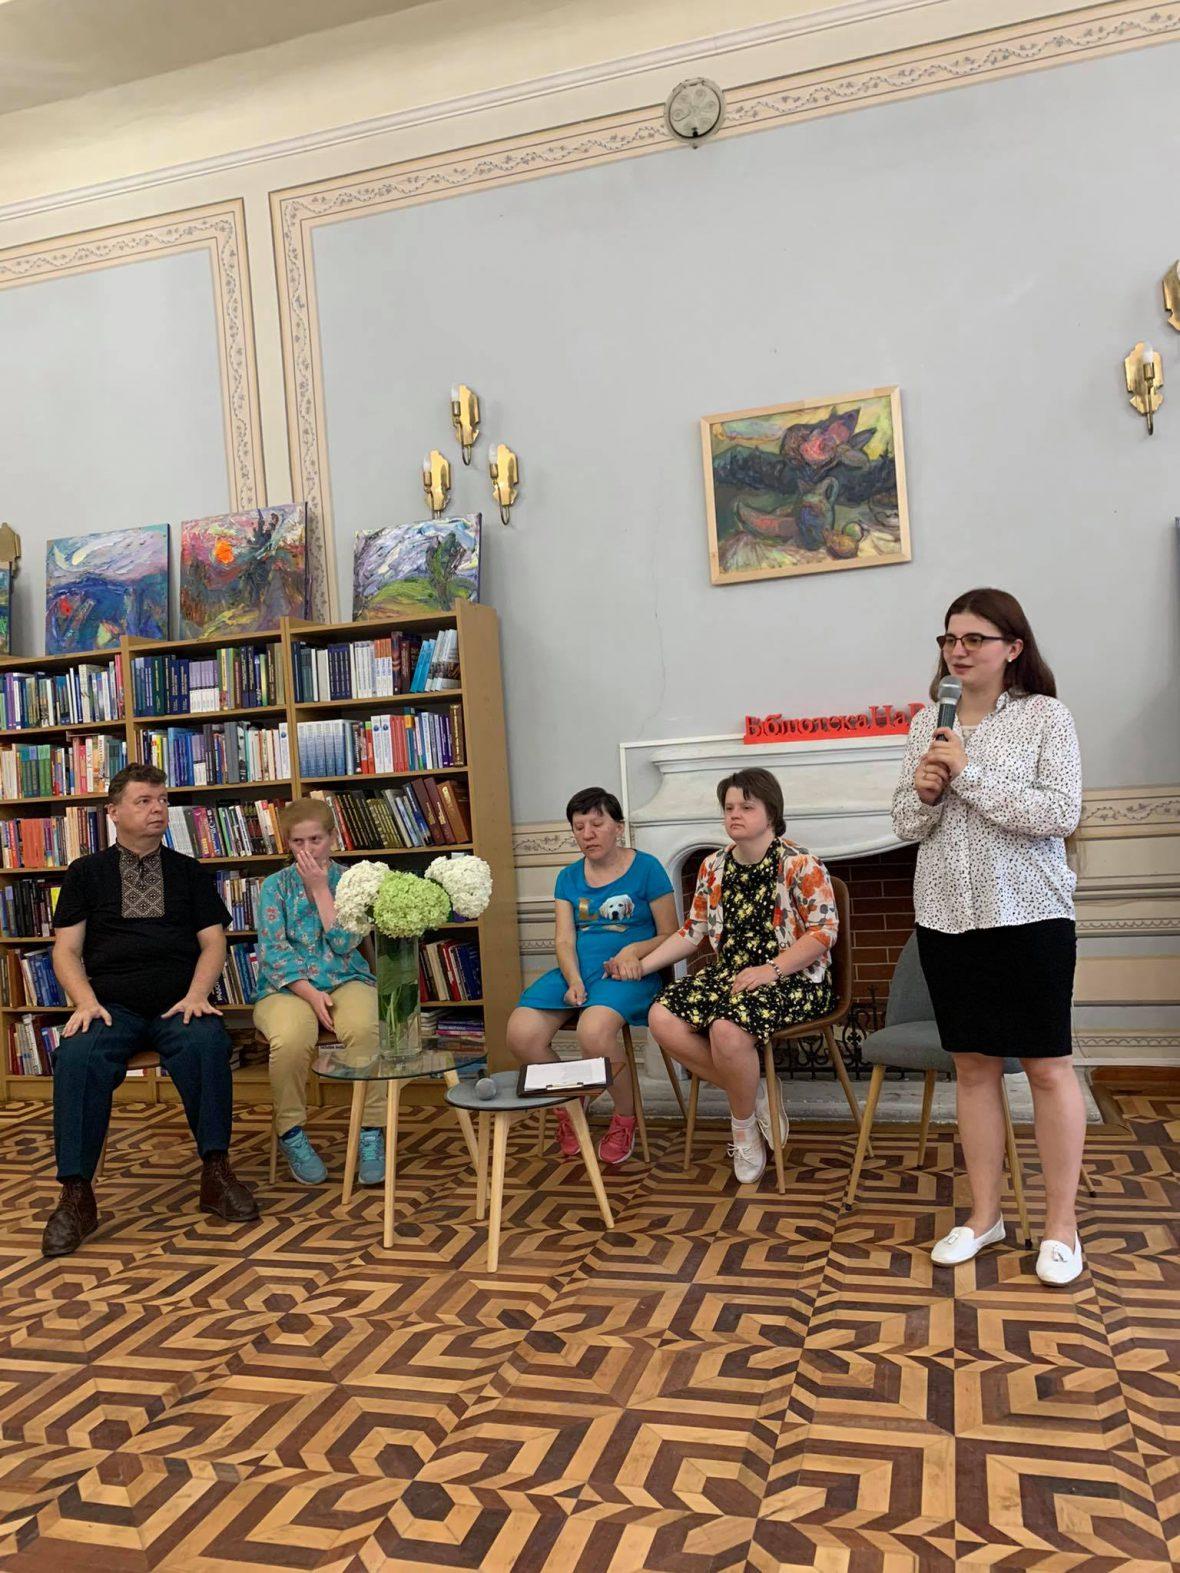 Відбулись творчі вечори з читанням віршів, театральними виставами та виставками творчих робіт осіб з інтелектуальними порушеннями